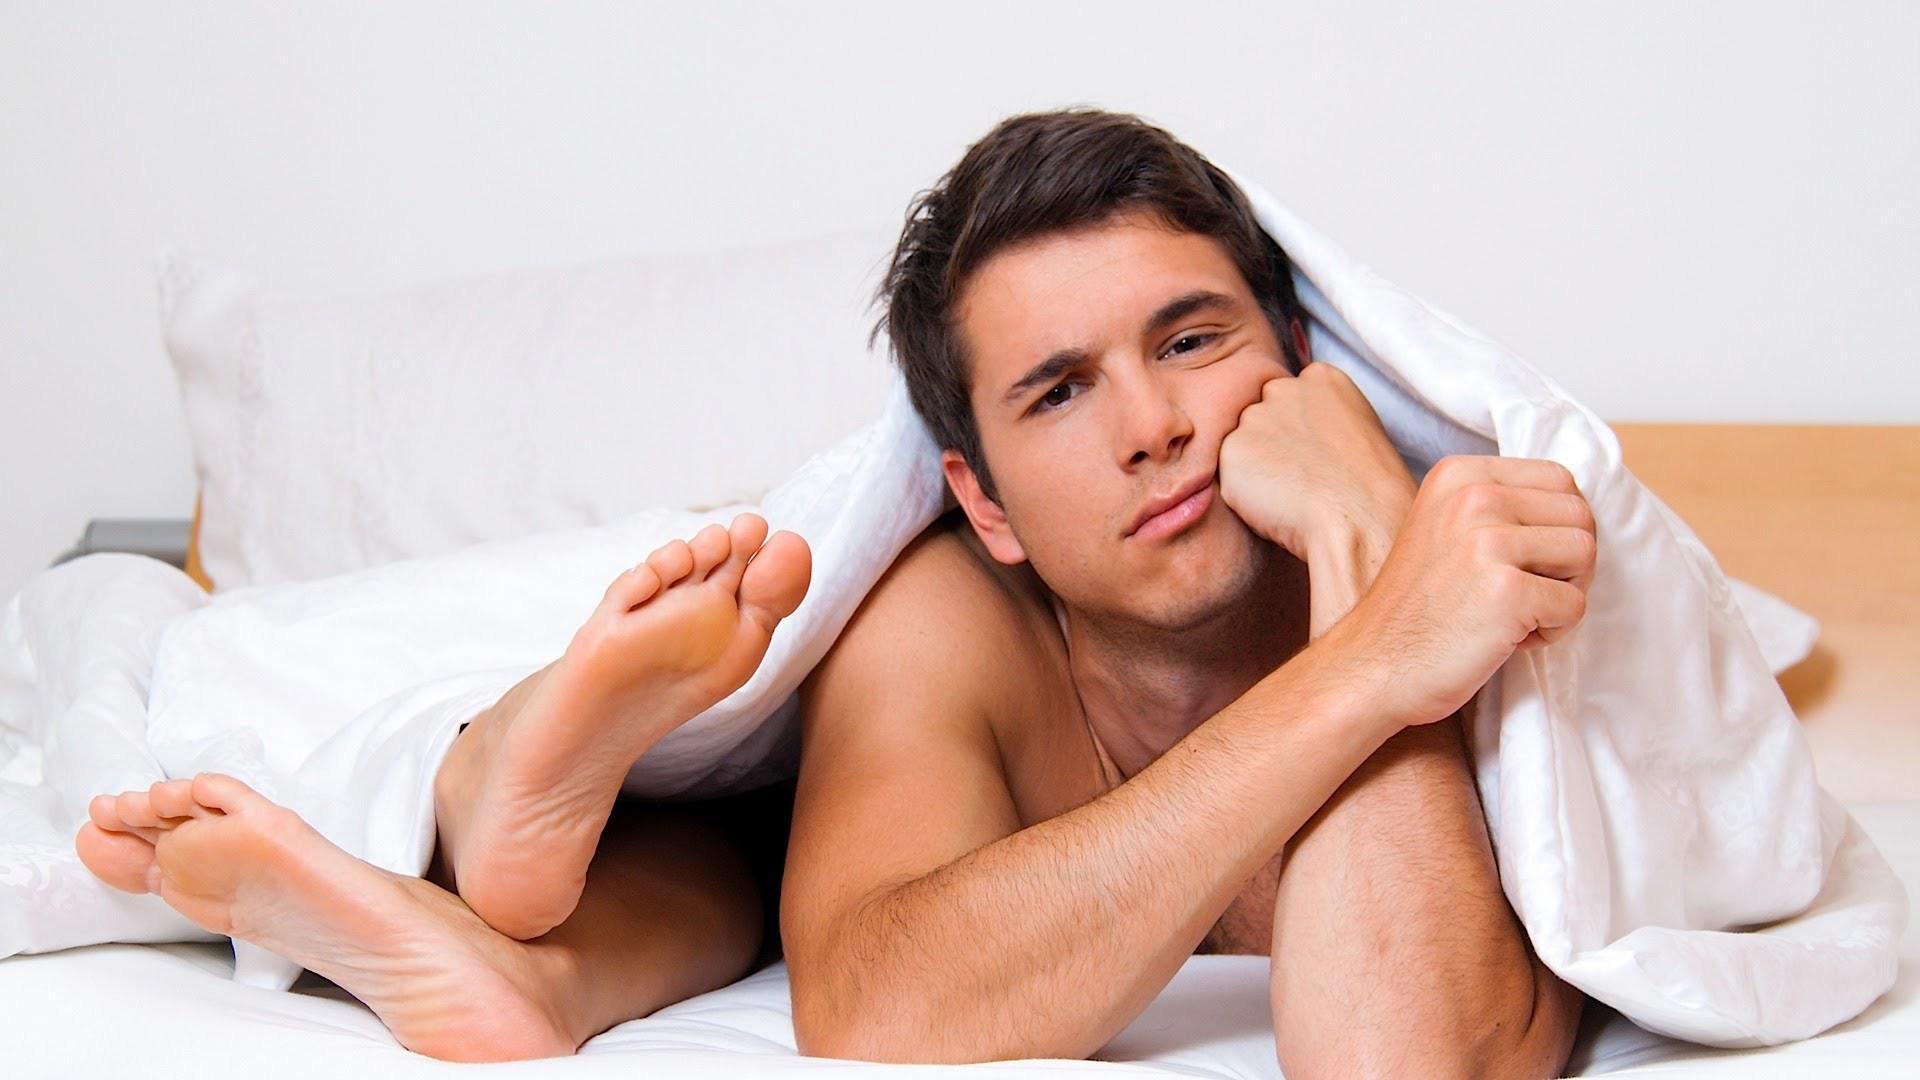 Женщина смотрит член мужчины, туранга лила секс картинки